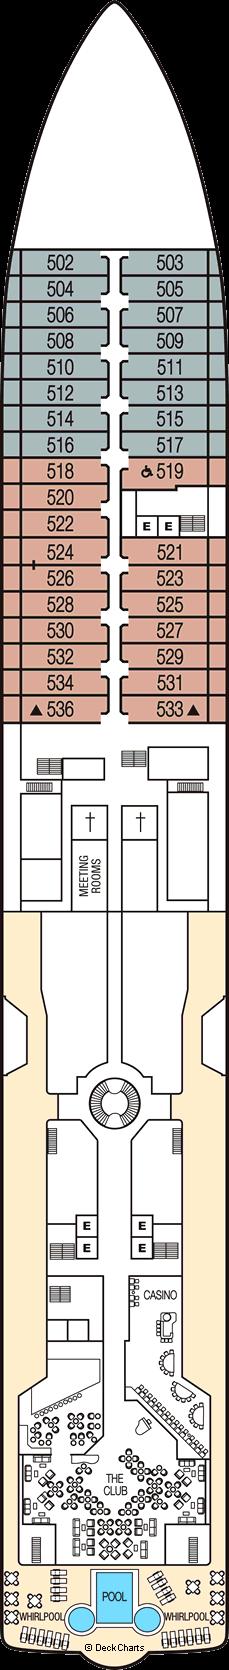 Seabourn Odyssey: Deck 5